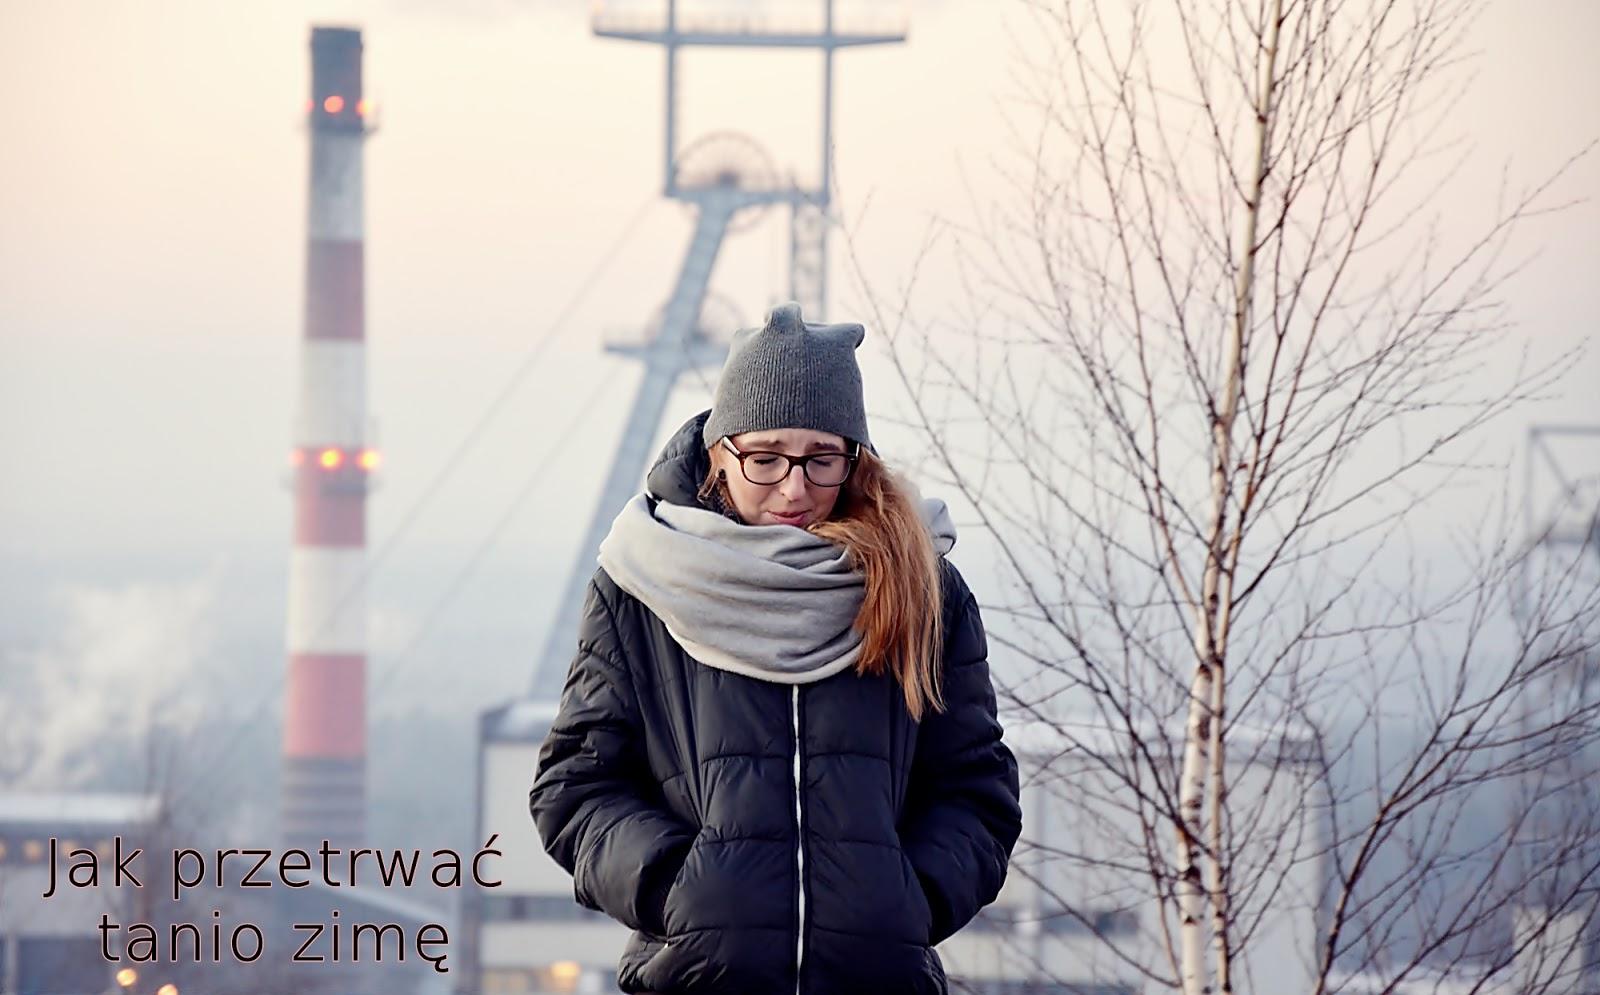 jak tanio ubrać się zimą, jak przetrwać zimą, ciepła zima